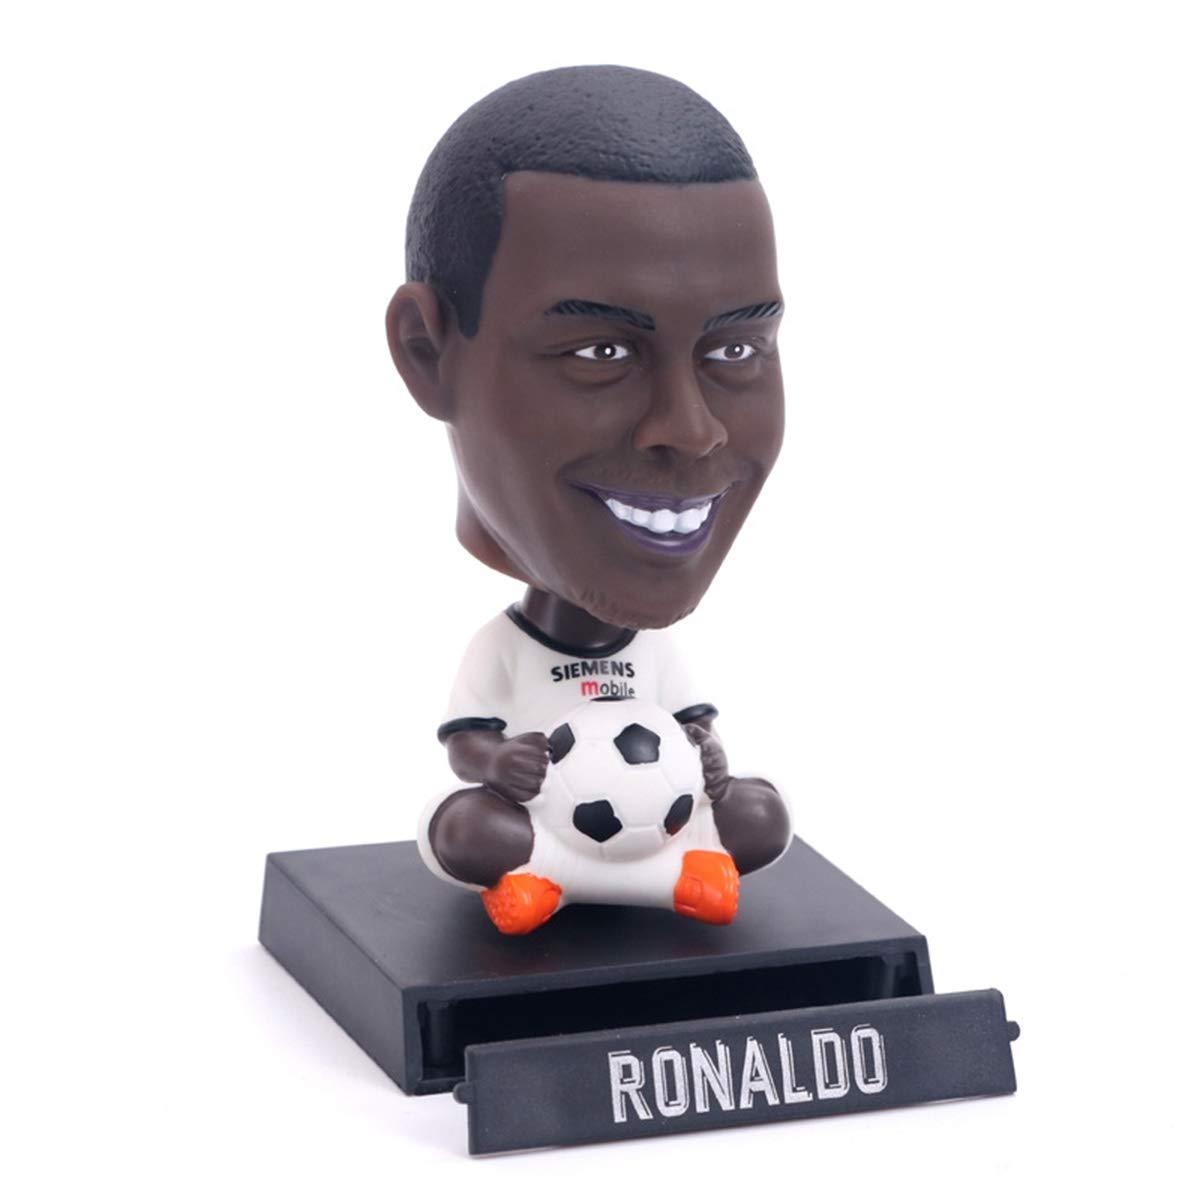 Versione D della stella del calcio Messi//Ronaldo//Neymar//Ronaldo//Pogba scuotendo i suoi accessori auto bambola auto decorazione testa Color : D